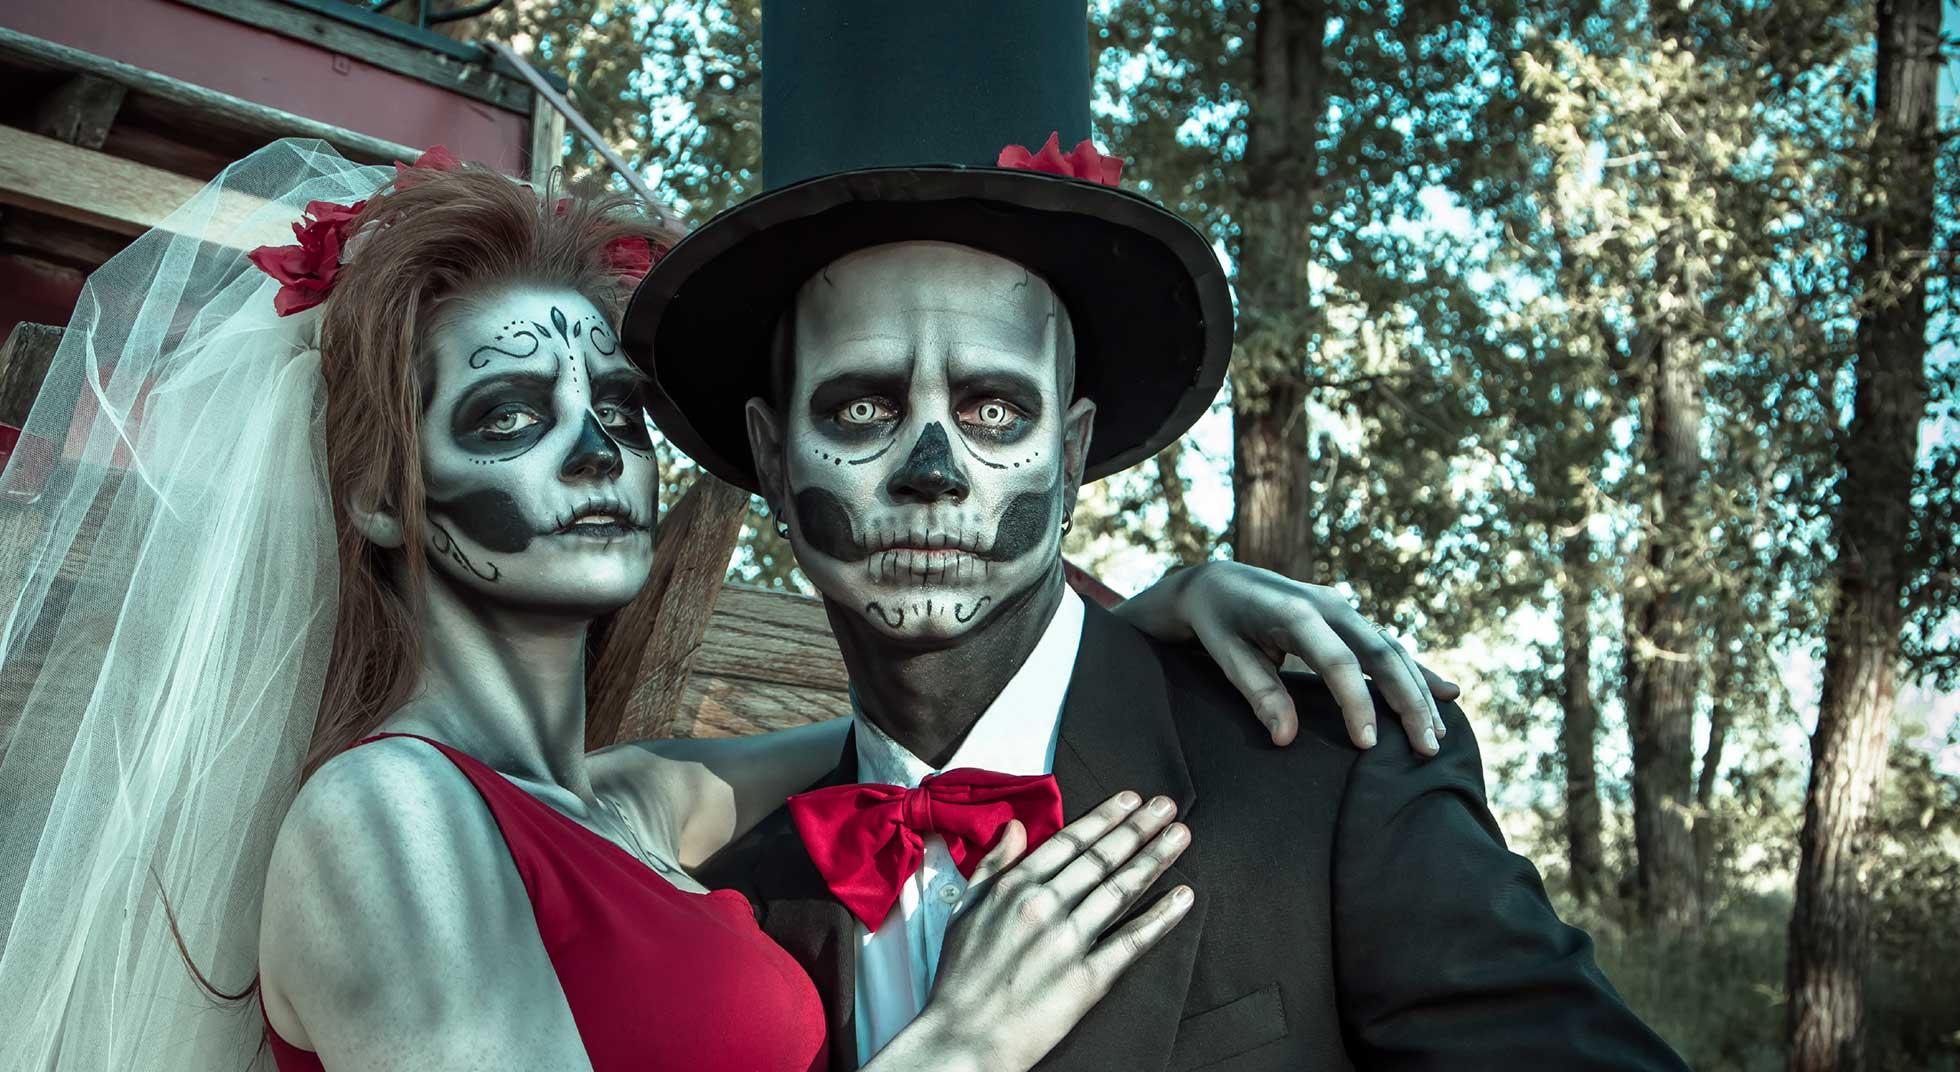 Costumi di Halloween last minute! 3 idee veloci per la festa  AIA ...